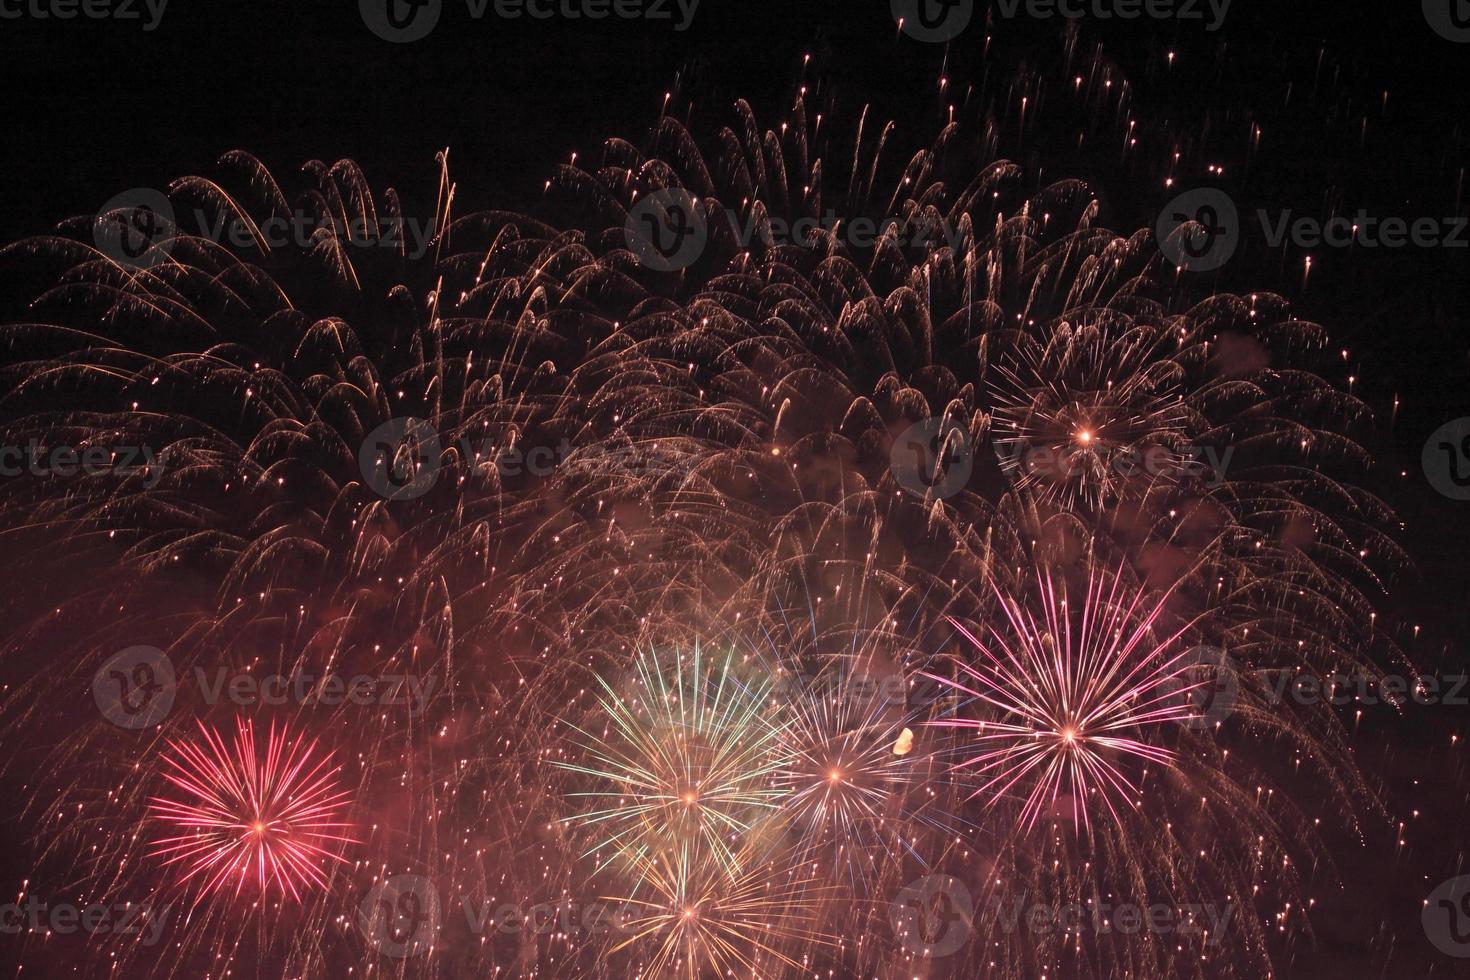 fuochi d'artificio tradizionali giapponesi nel cielo notturno foto